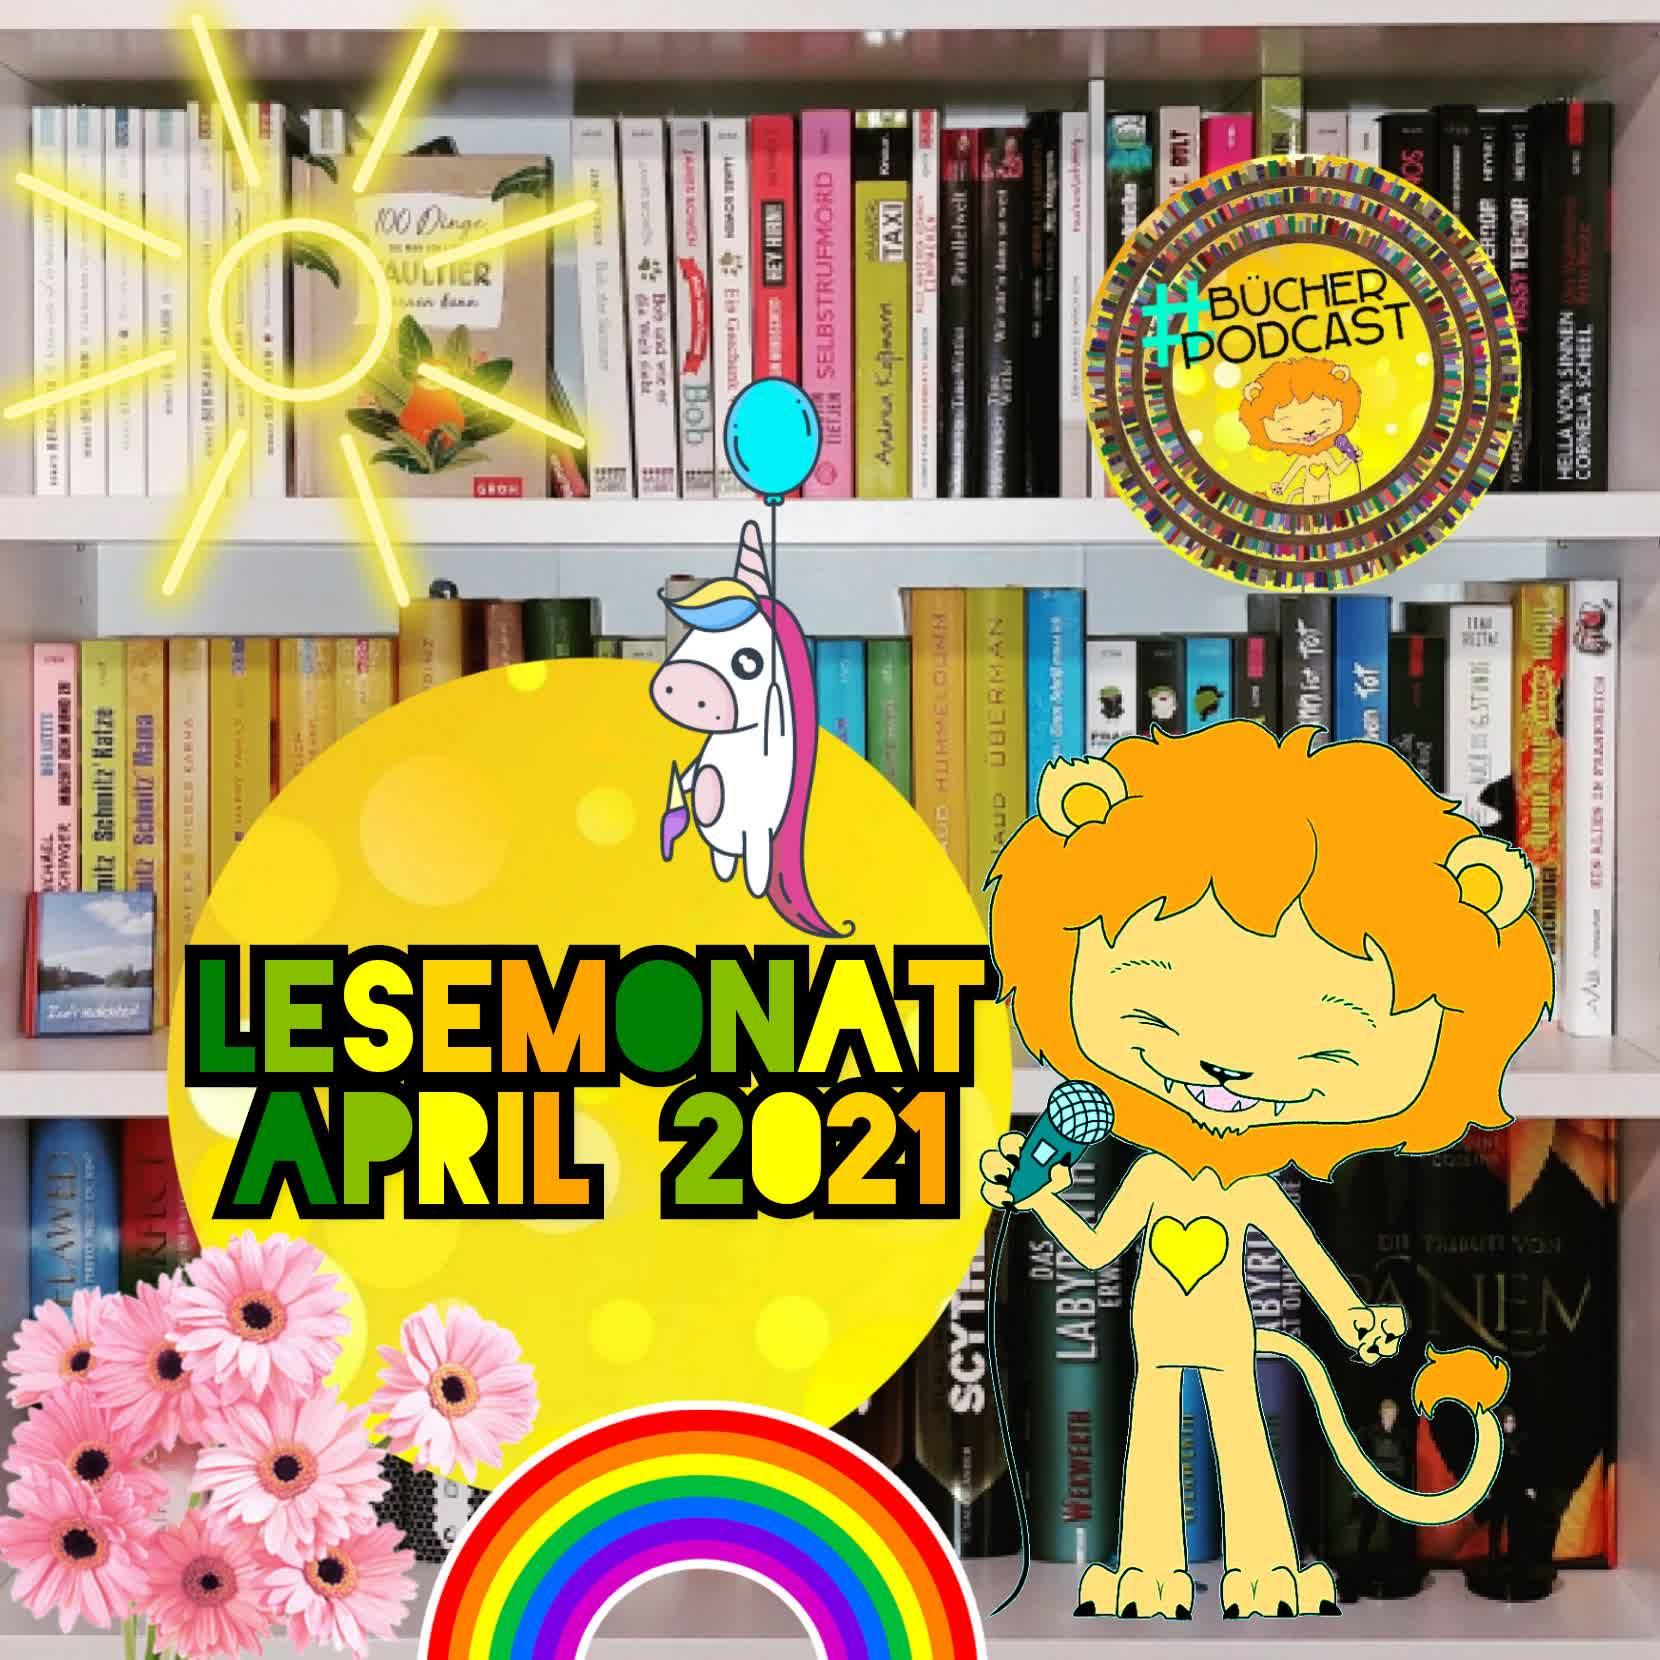 Lesemonat April 2021